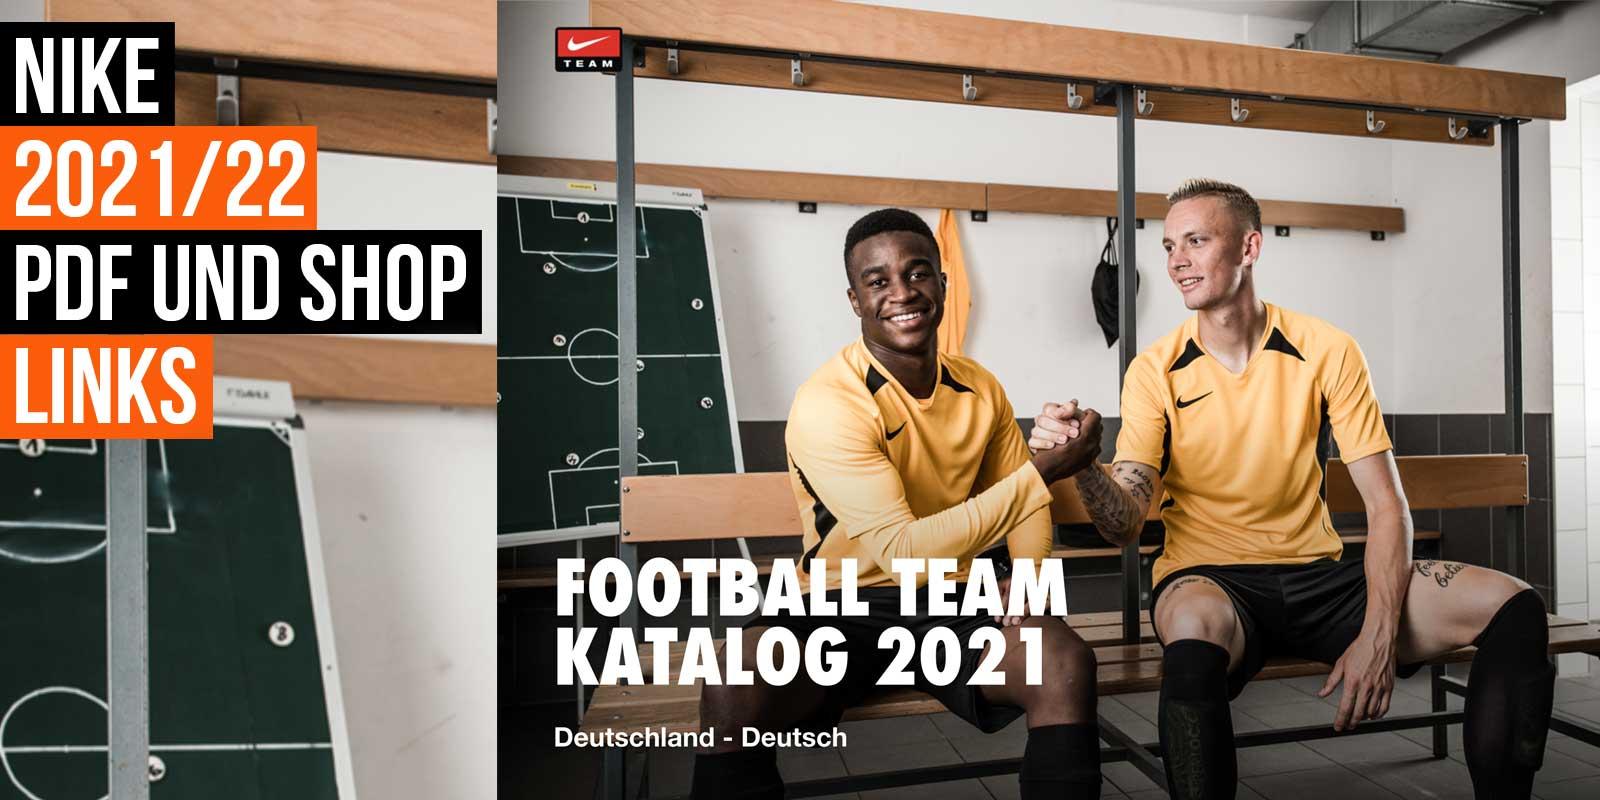 Der Nike Katalog 2021/2021 für Fußball und Teamsport als PDF download und mit Shop links